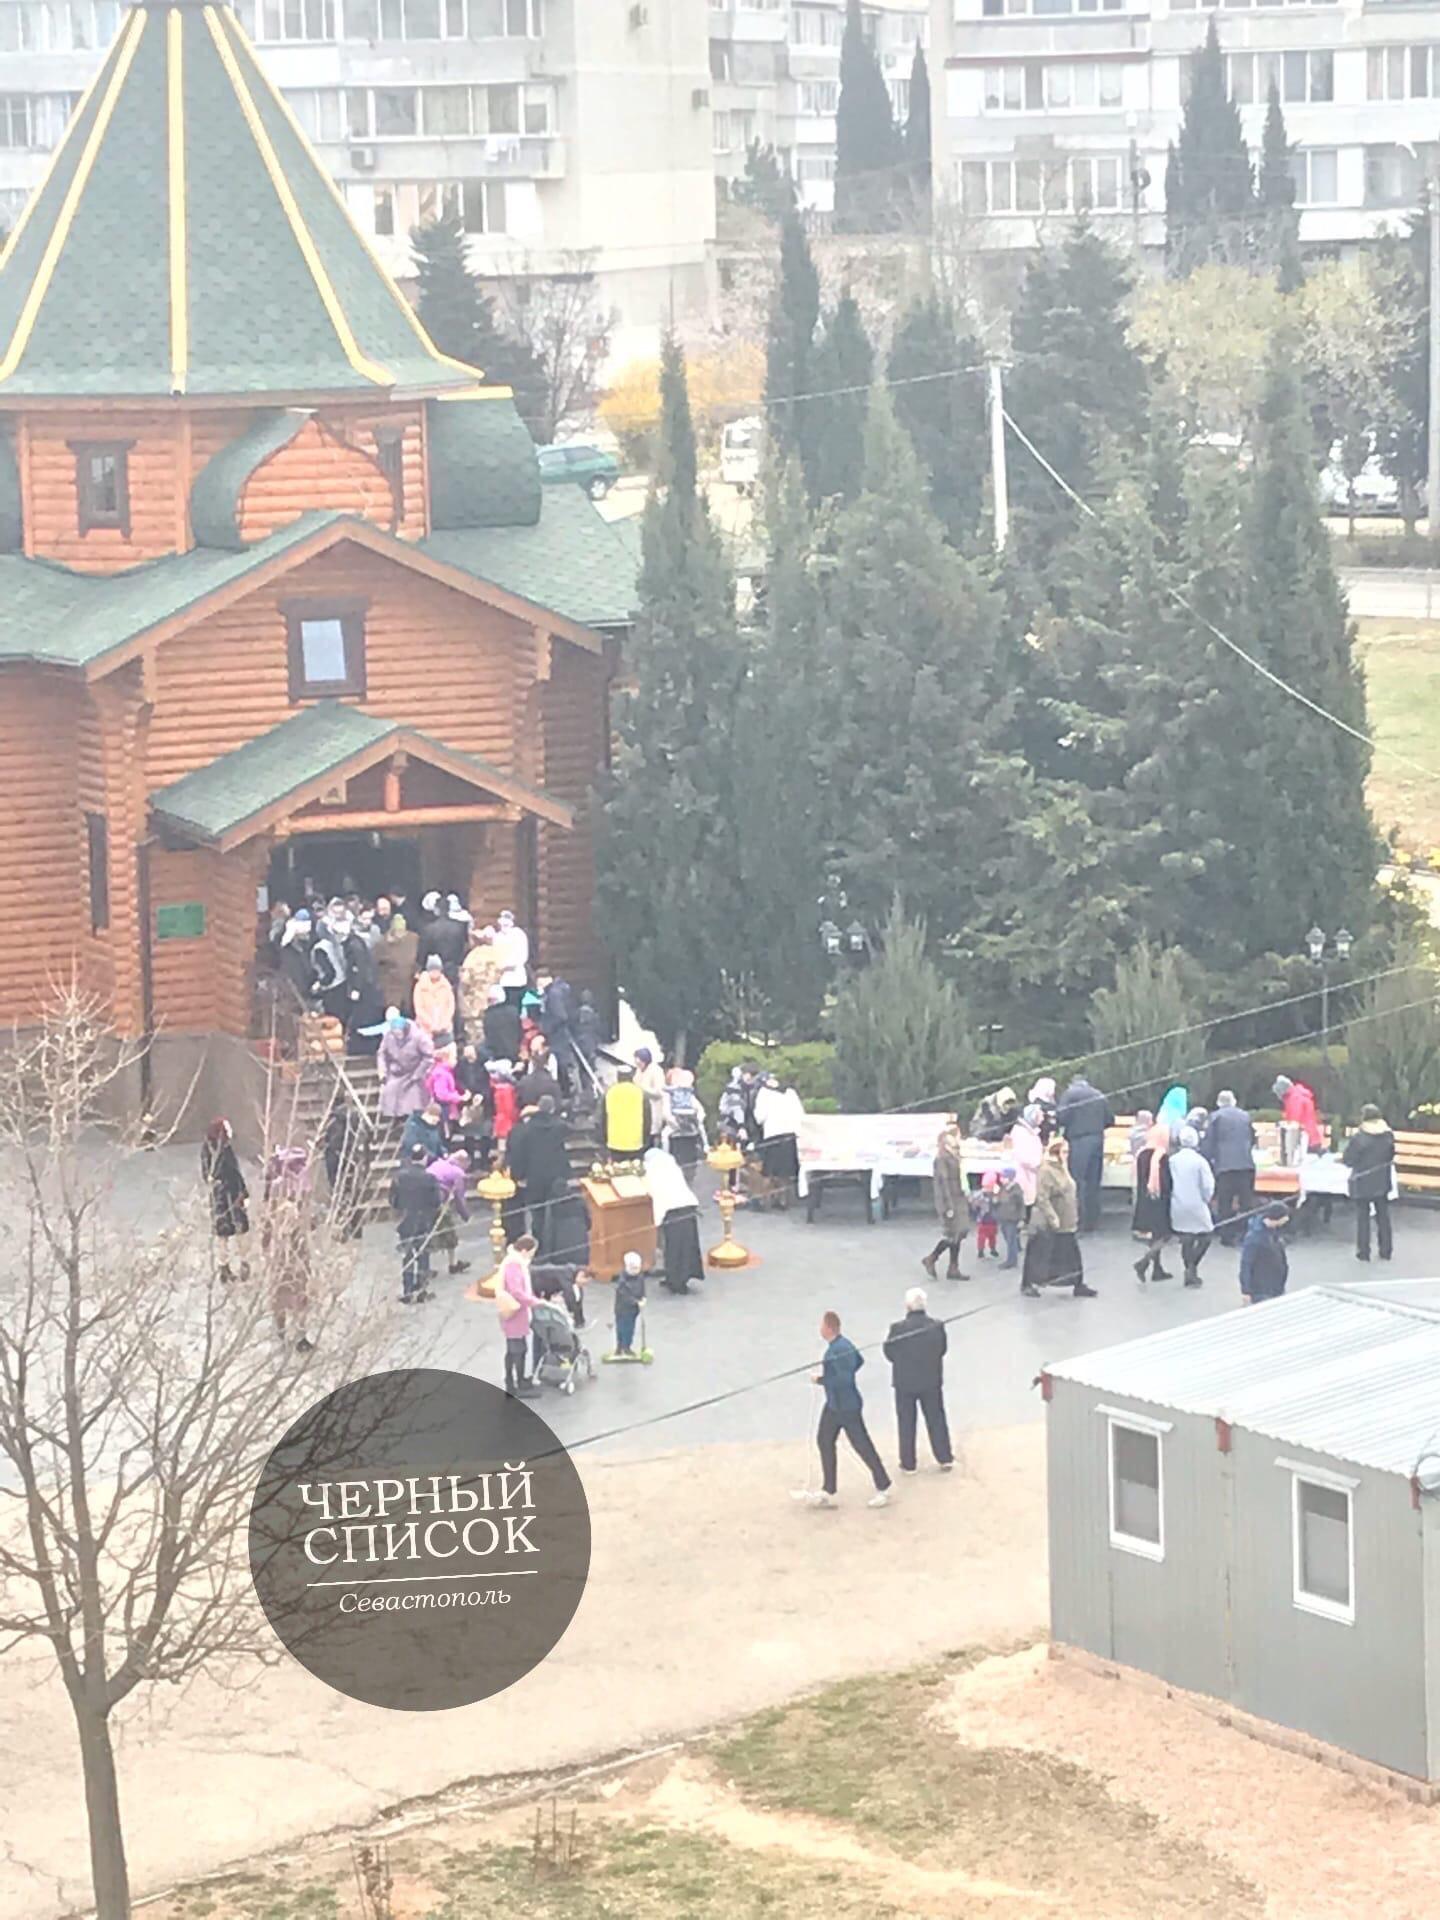 В Севастополе в храме московского патриархата устроили массовое целование мощей. ФОТО